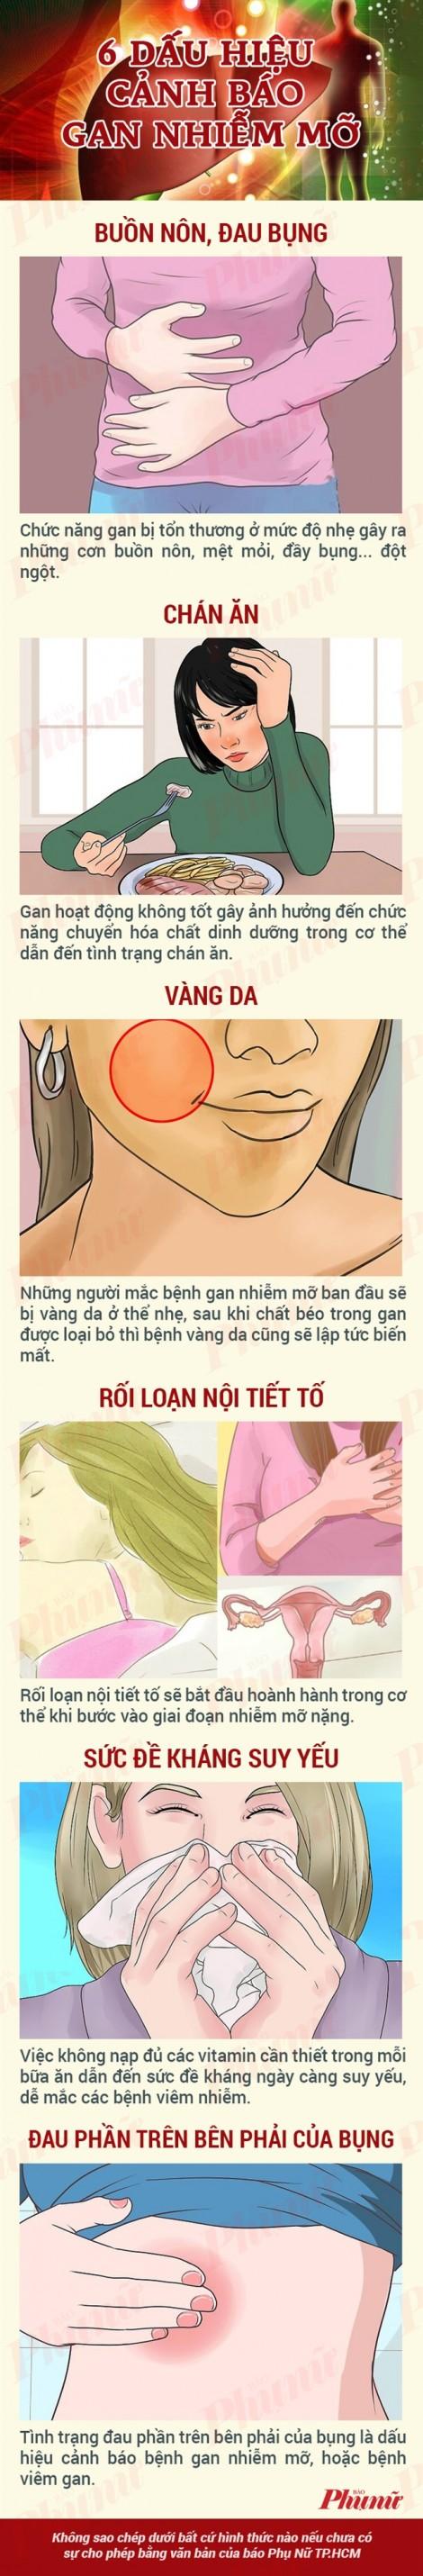 6 dấu hiệu cảnh báo gan nhiễm mỡ